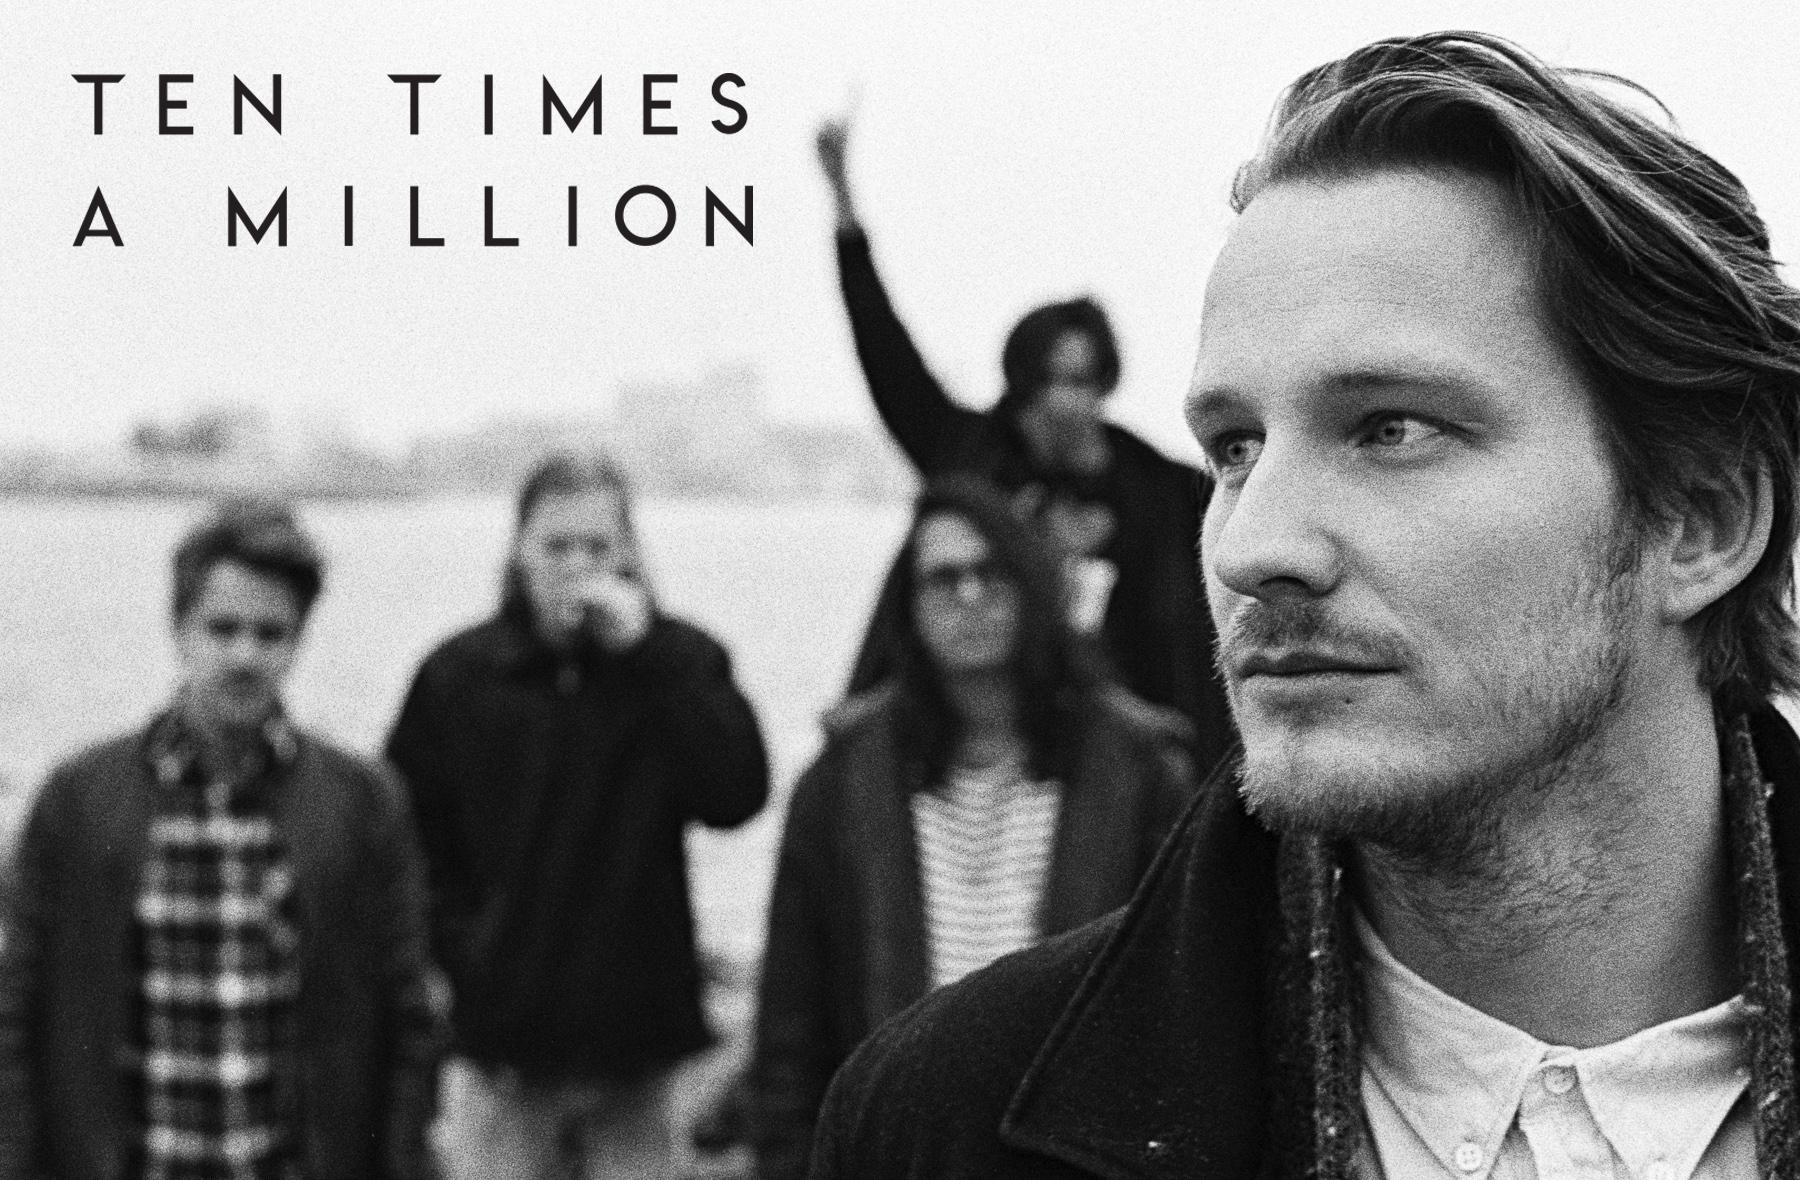 Ten Times A Million